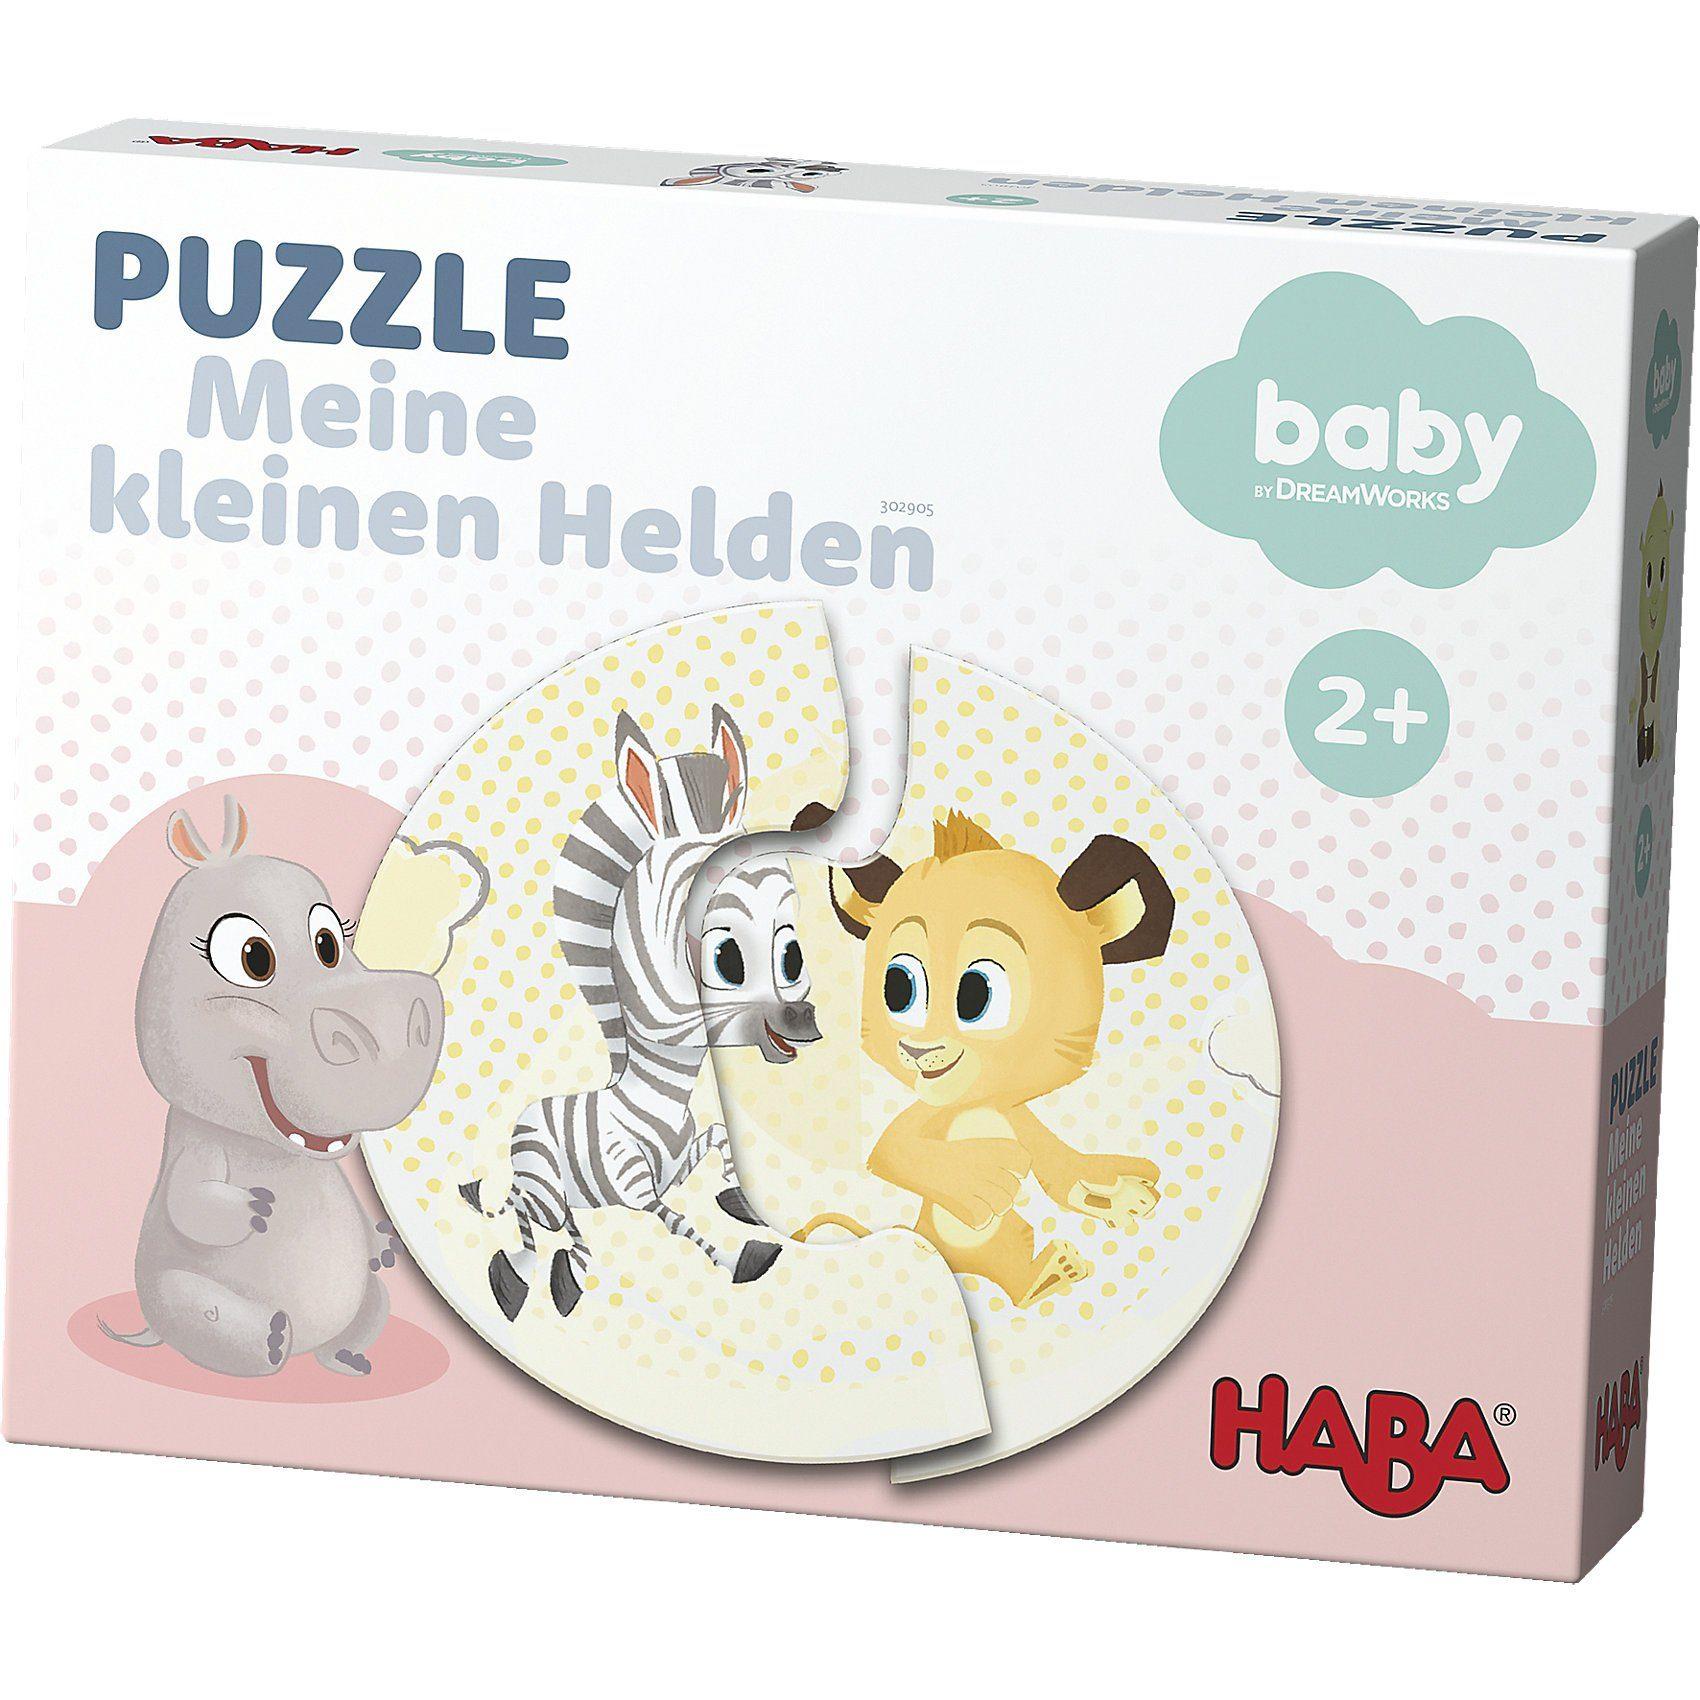 Haba Puzzle - Meine kleinen Helden, rosa